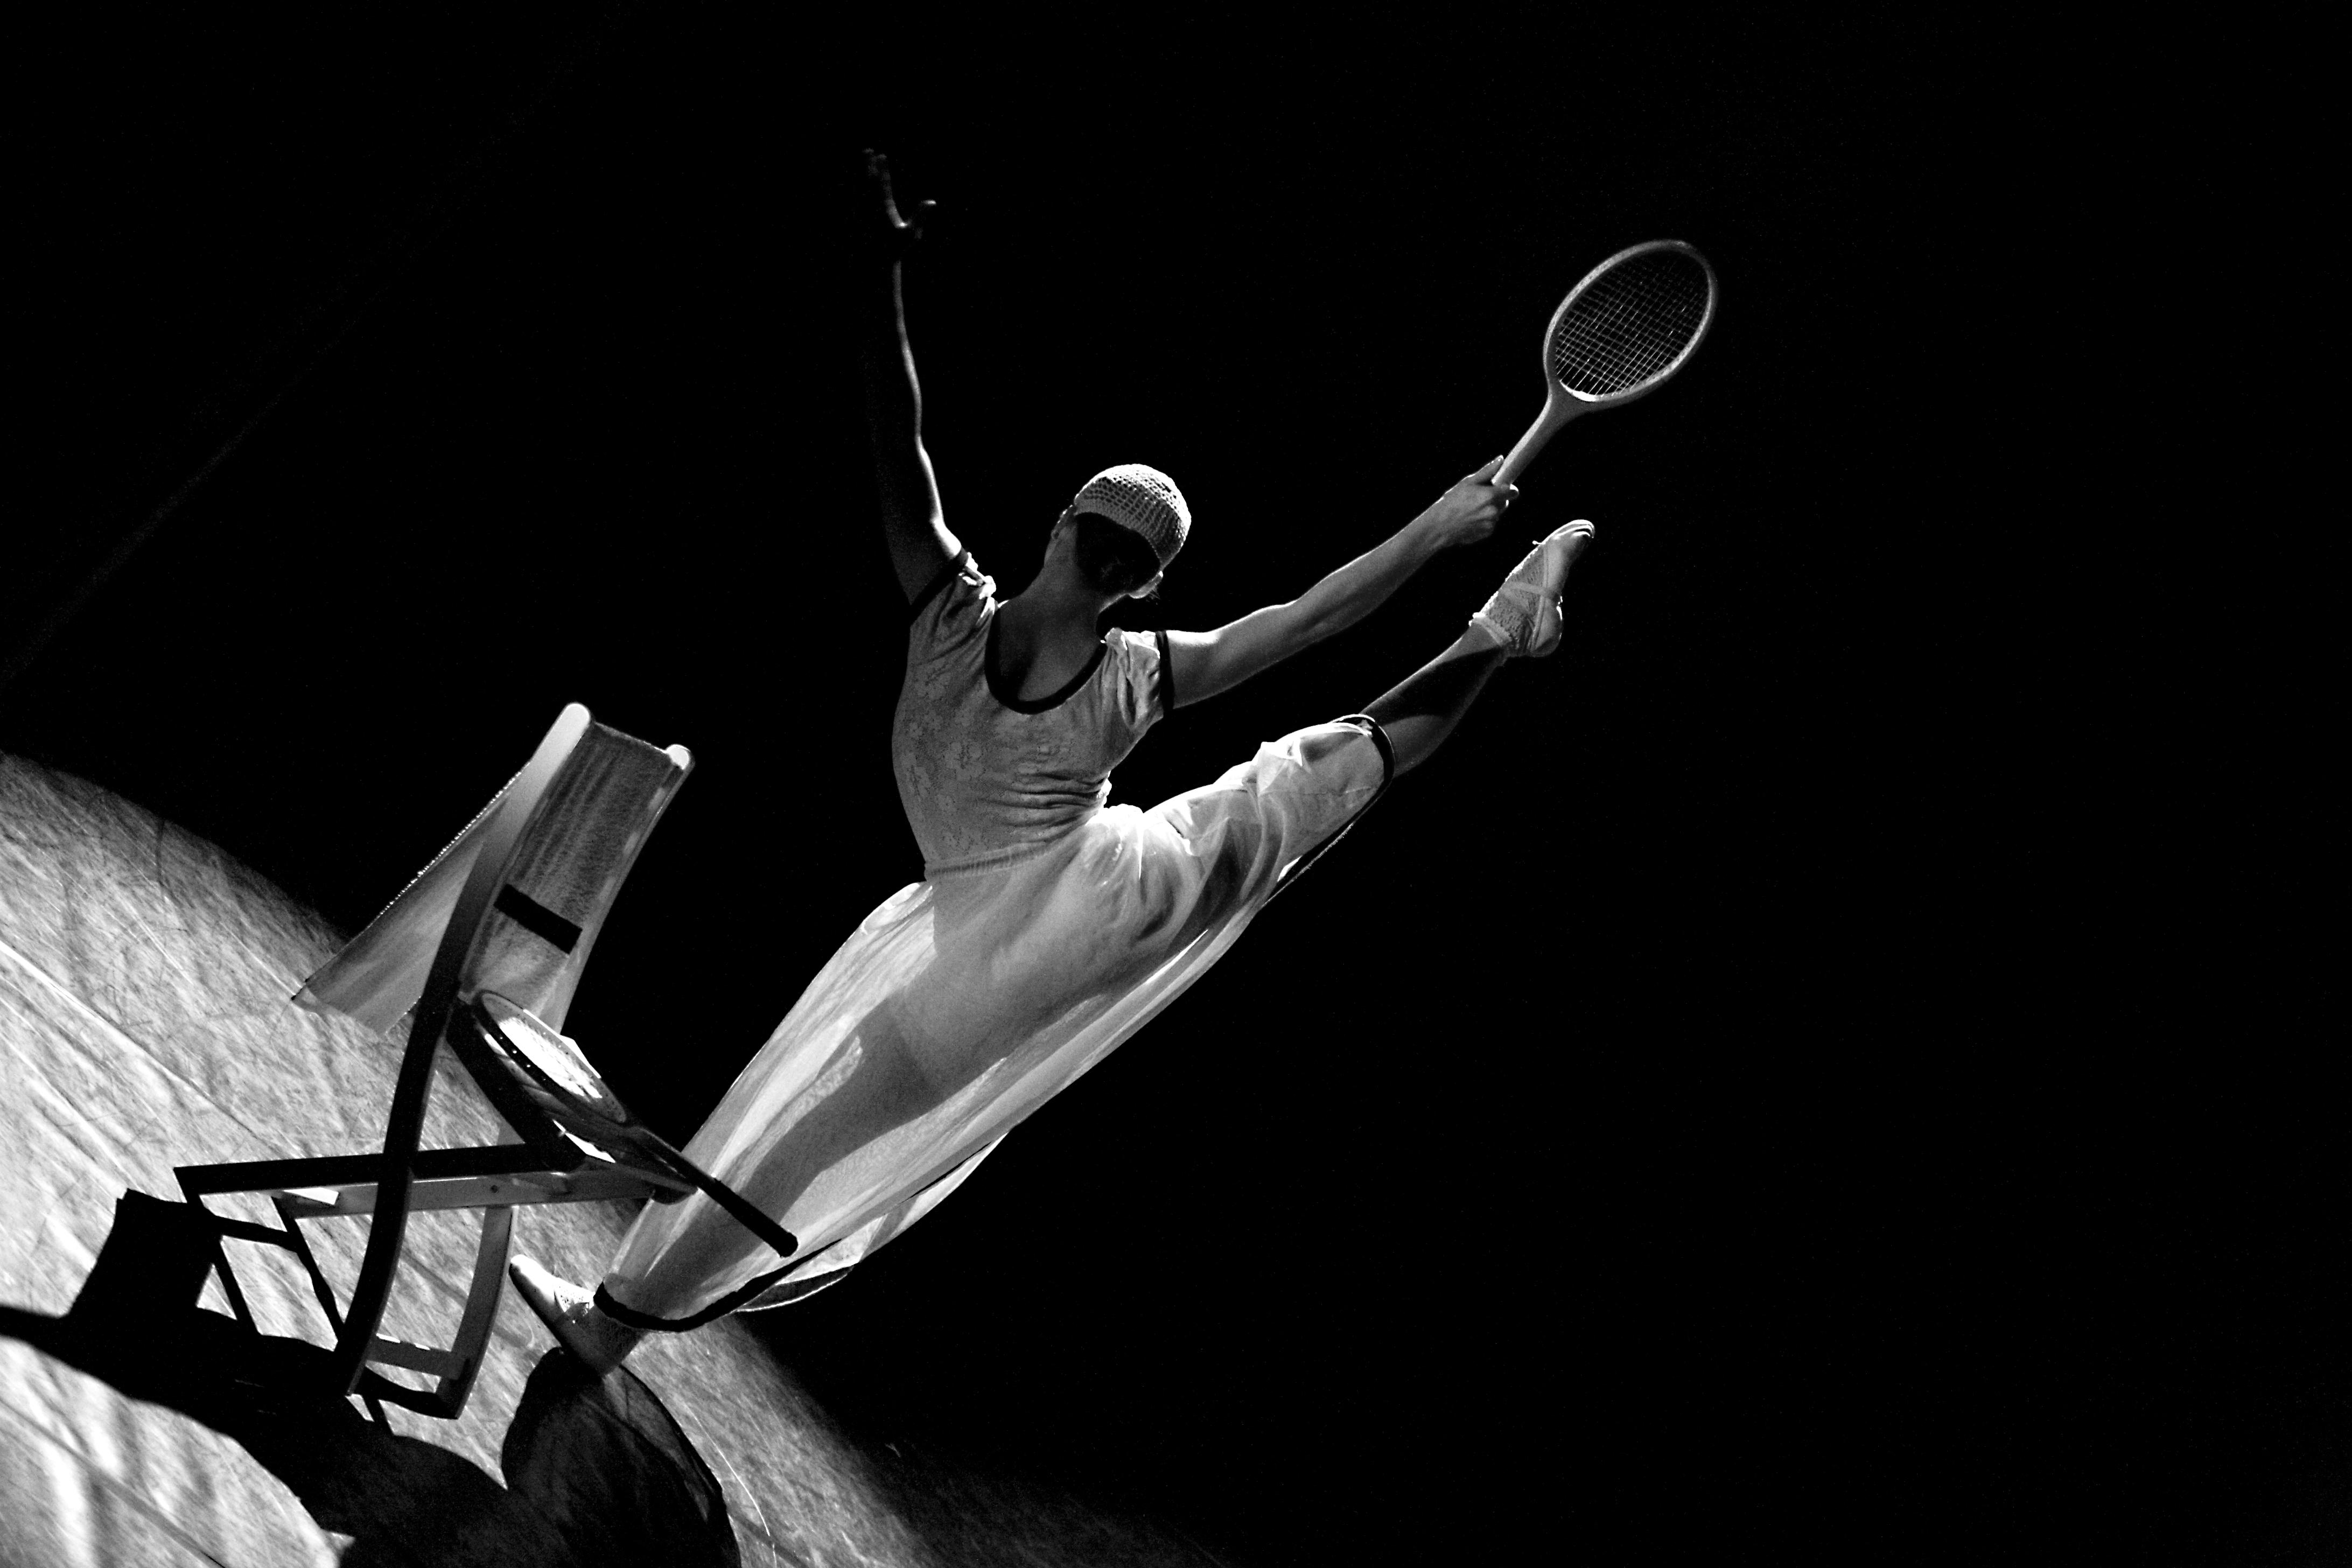 Tennis - Credito Alessia Mazza